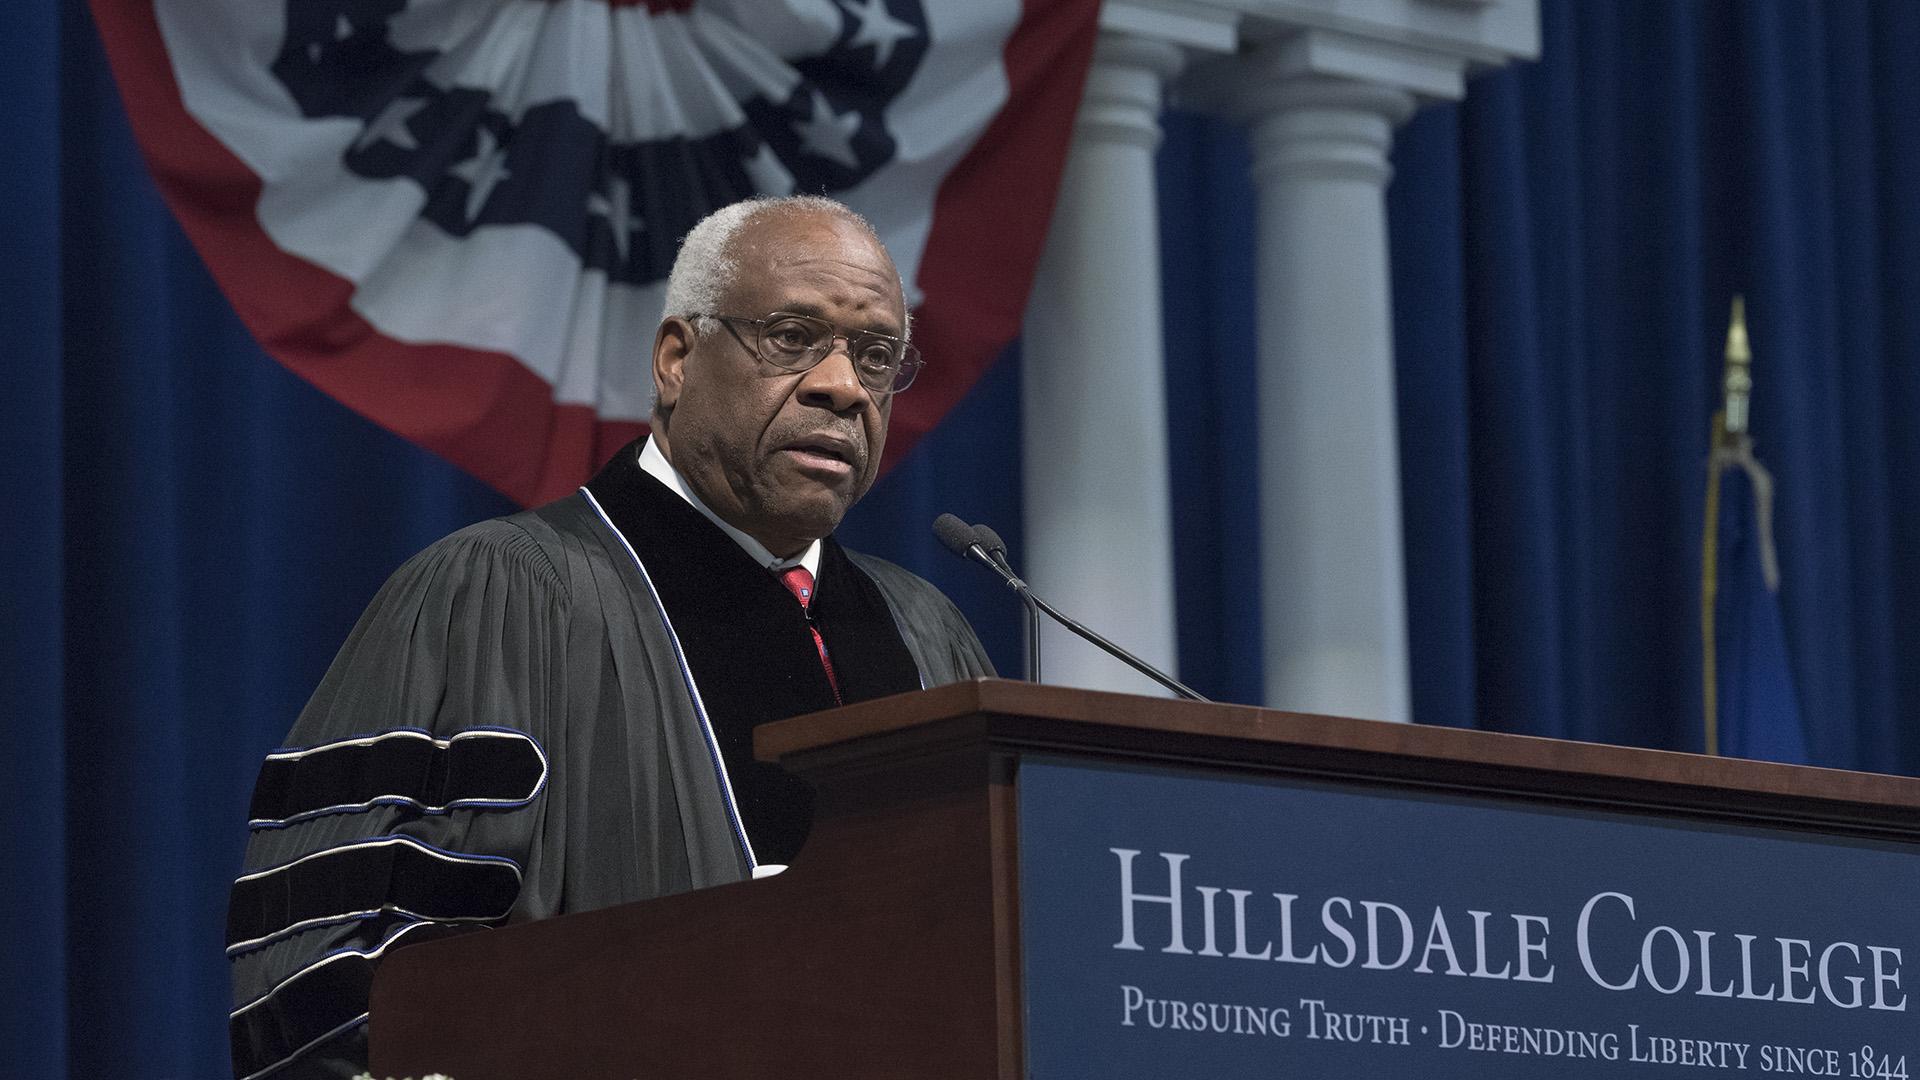 https://imprimis.hillsdale.edu/wp-content/uploads/2016/06/Justice-Thomas-at-Commencement.jpg